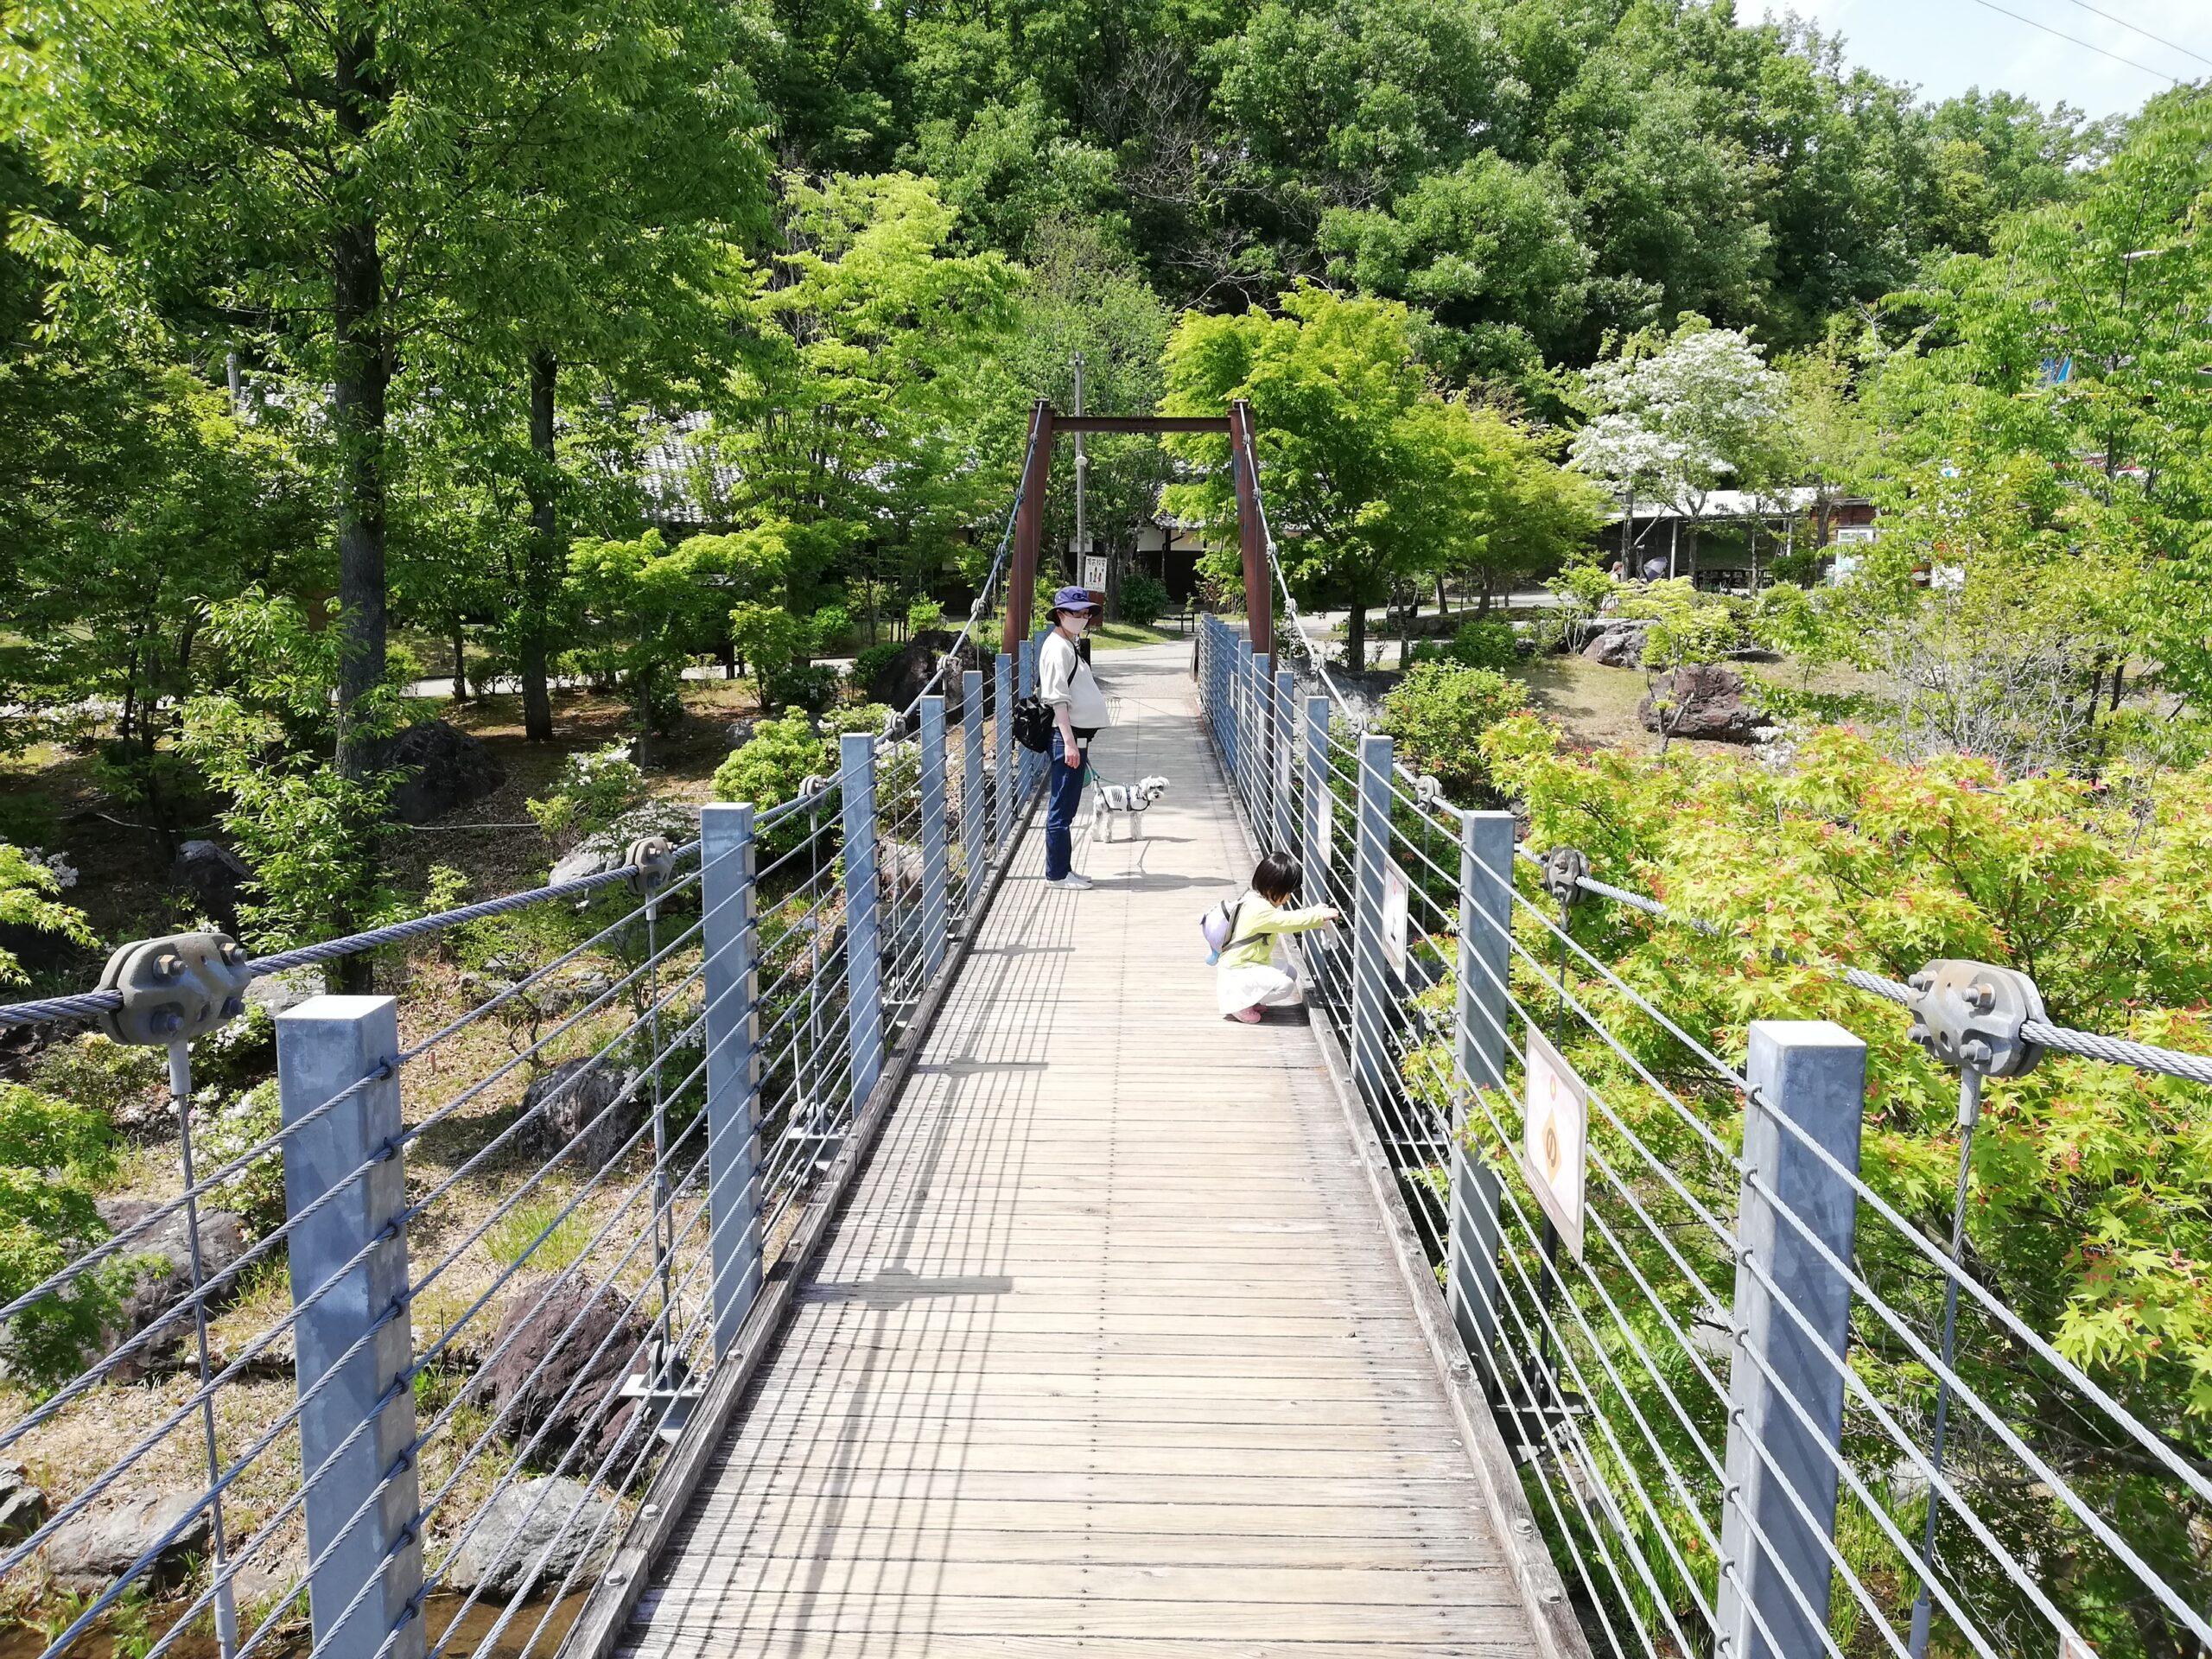 ペットとお出かけ 岐阜県美濃加茂市 ぎふ清流里山公園 子連れで楽しめる公園